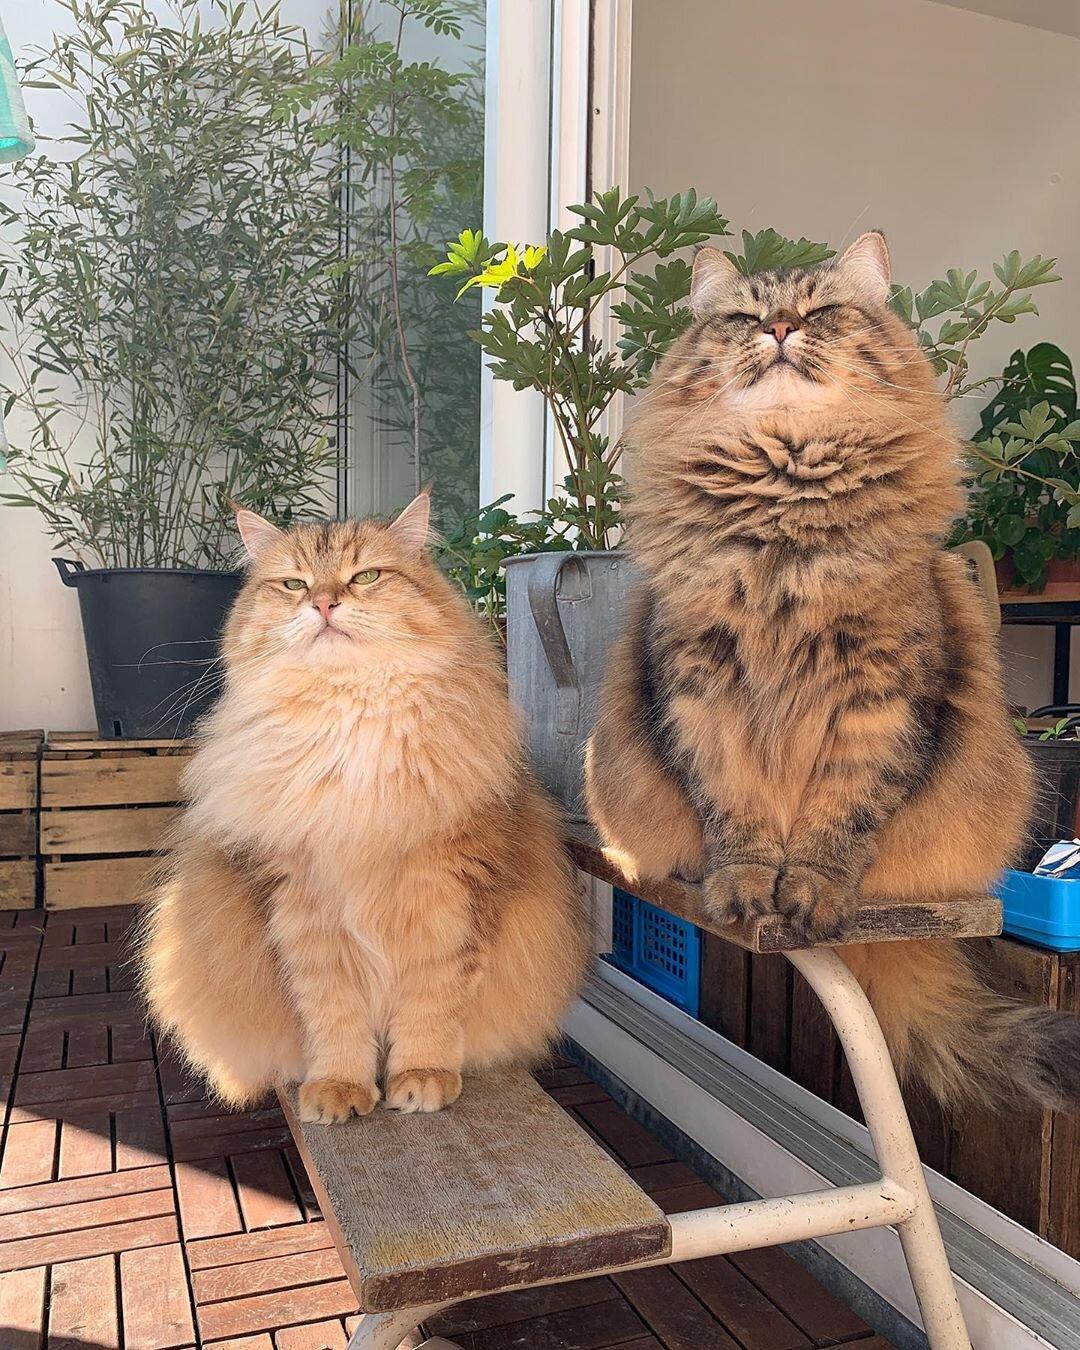 Две красотули 🐱📸 Mies & Moof#кот #животные #пушистые #домашние_питомцы  #bestmeow #kitten #siberiancat #cute #fluffycat #fluffy